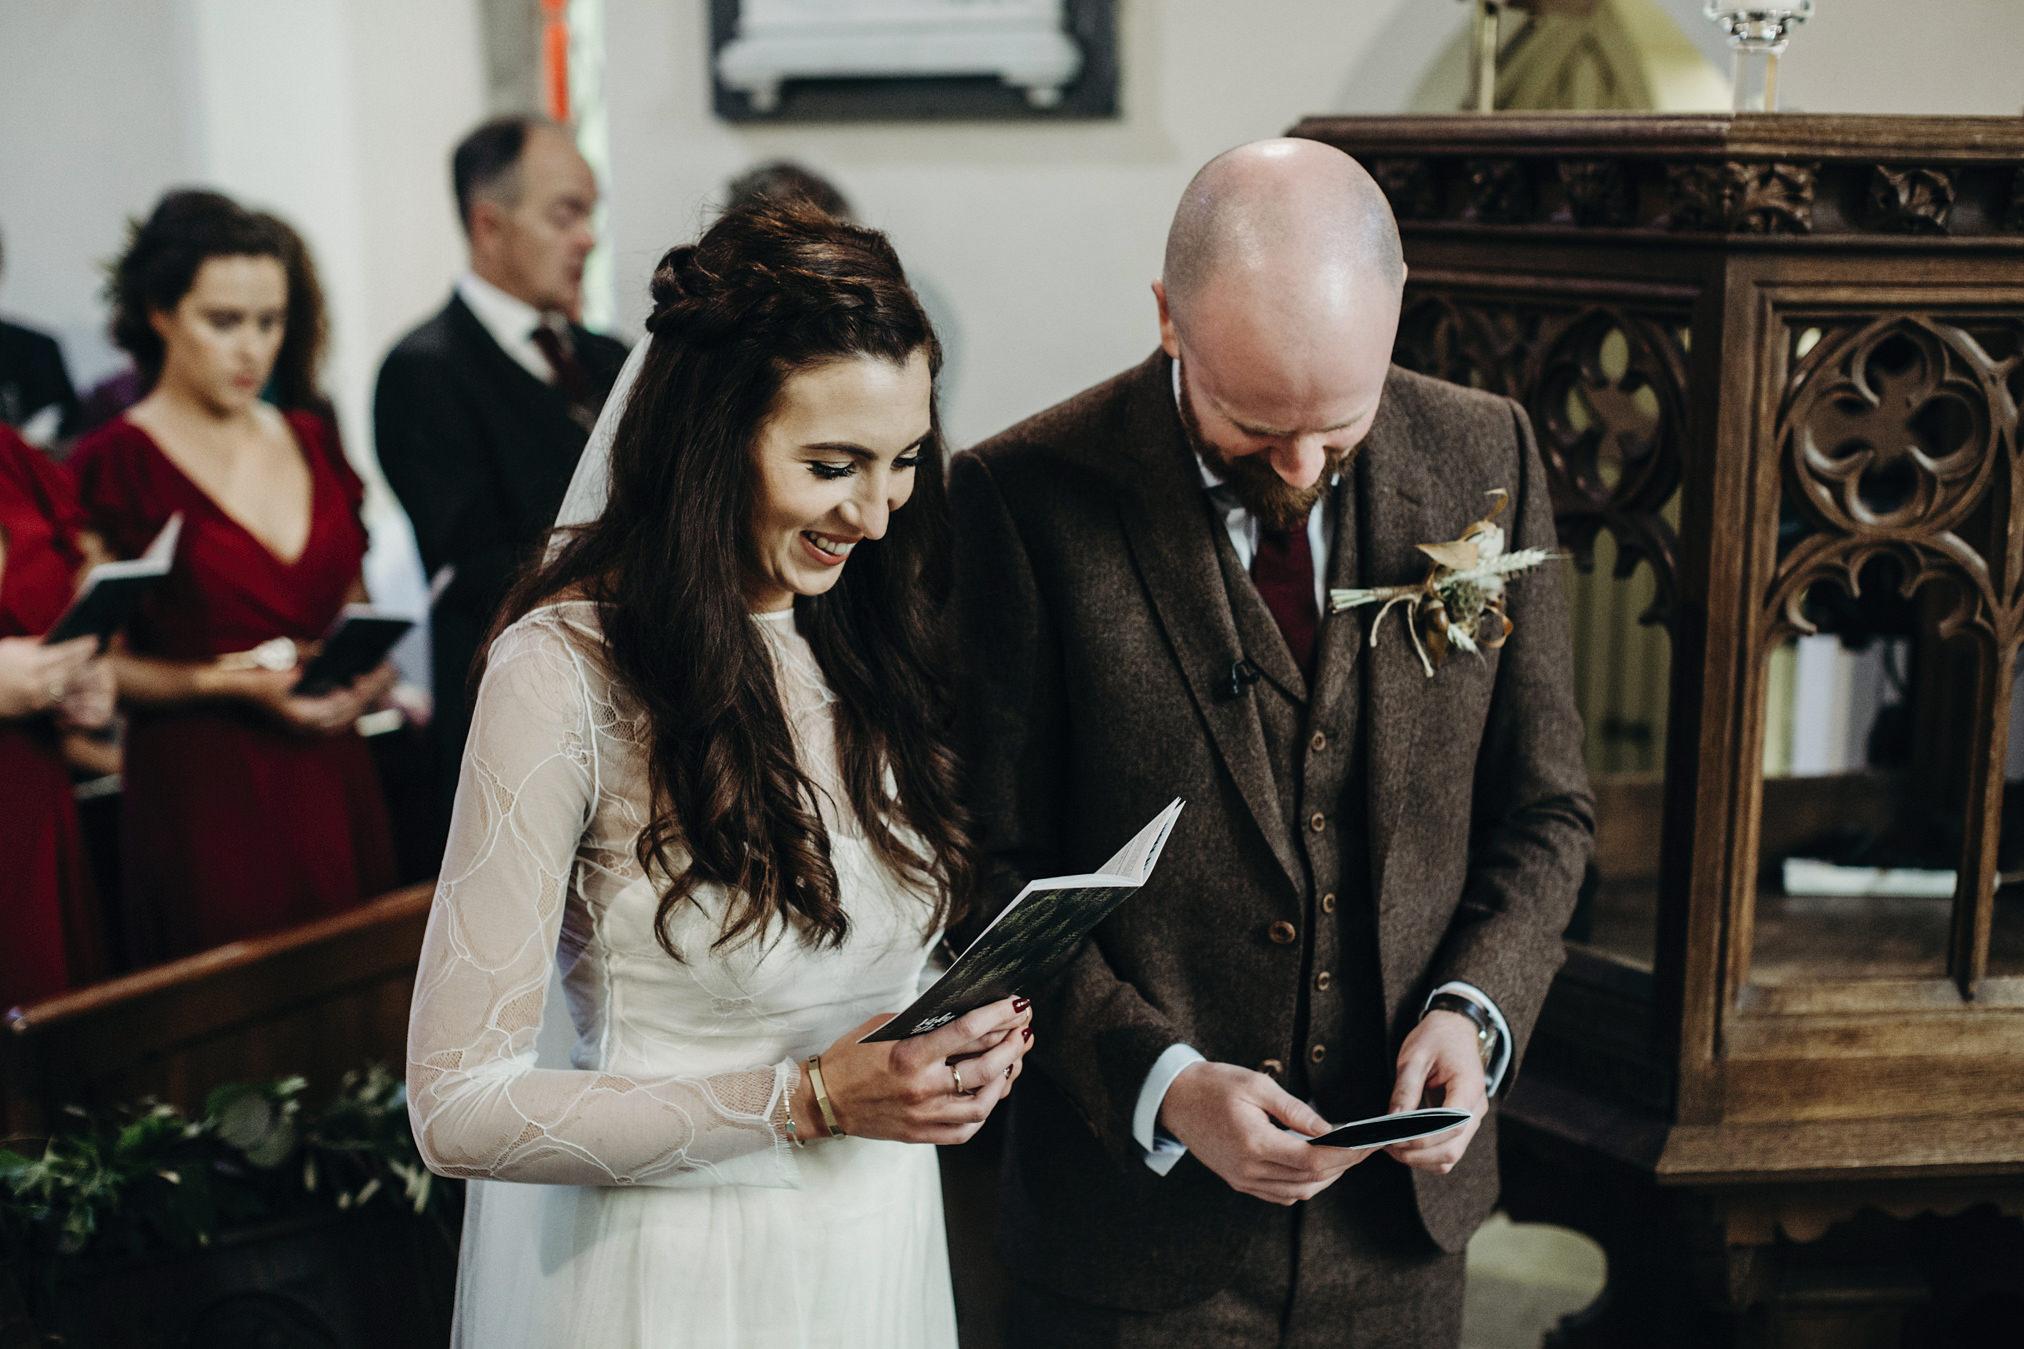 wedding photographer irelandGraciela Vilagudin Photography544.jpg